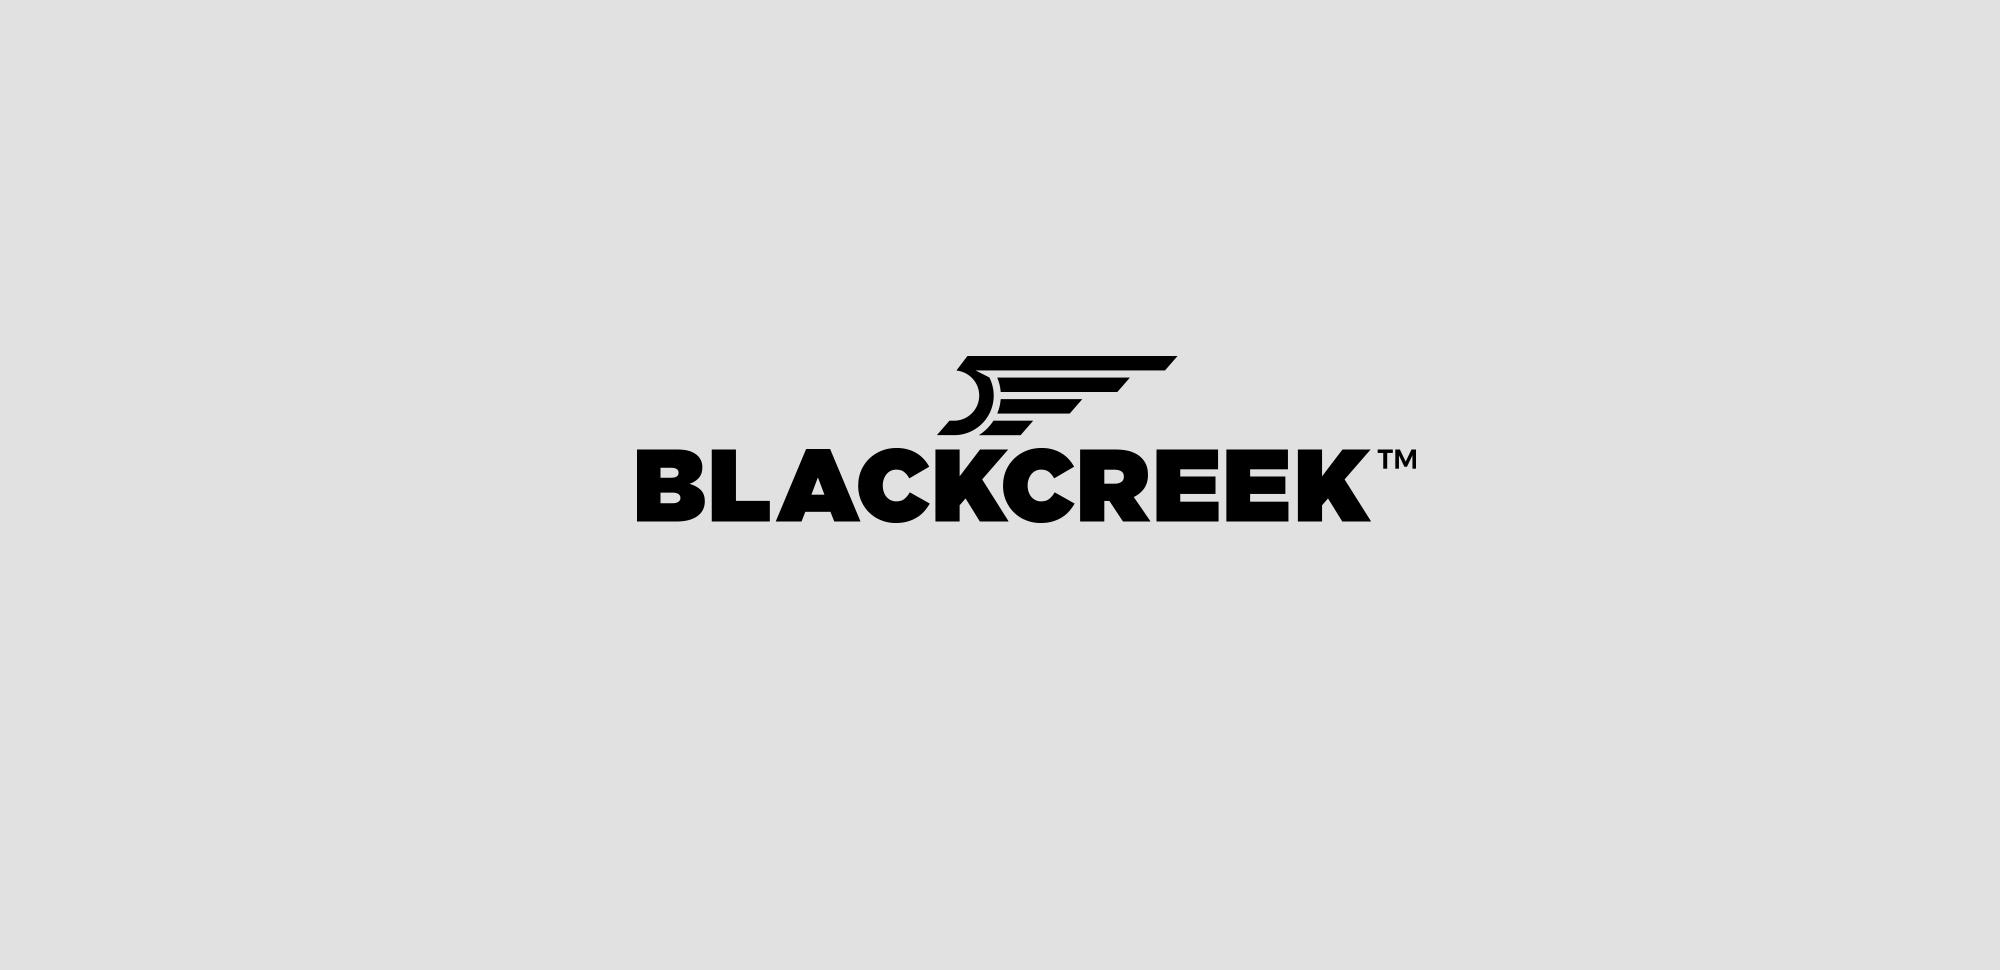 BlackCreek Firearms Logo & Identity Design